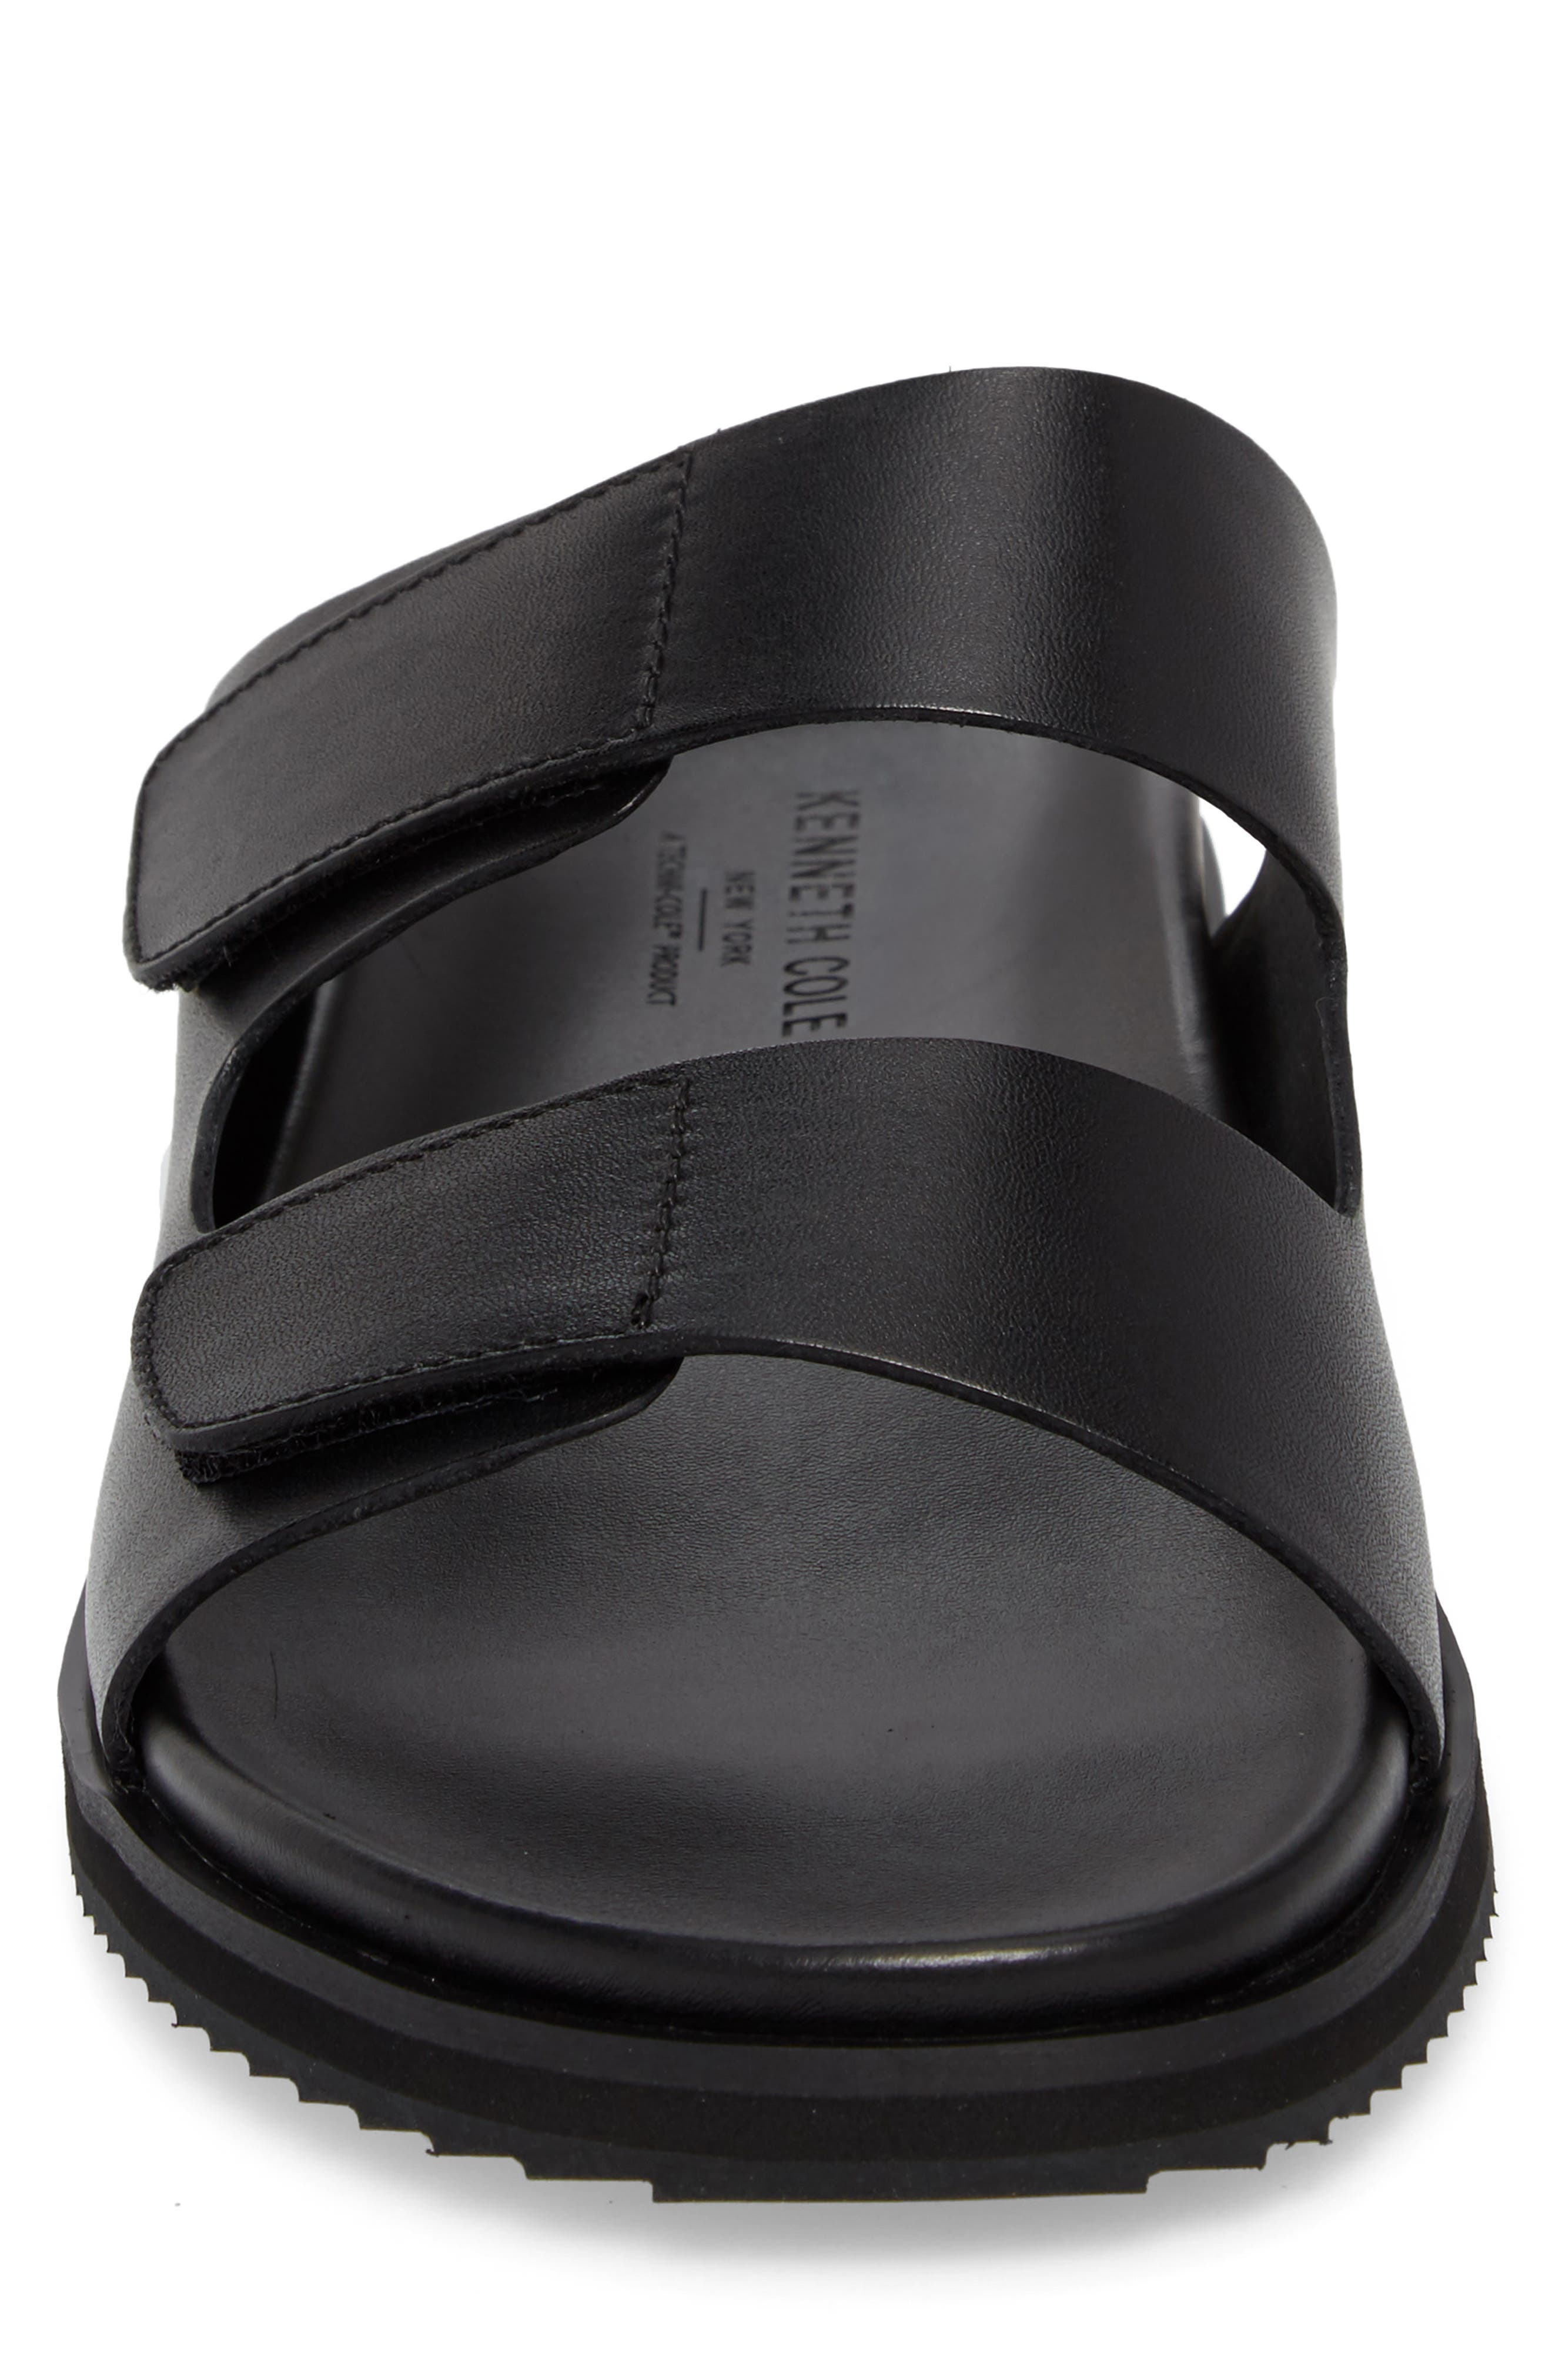 Story Slide Sandal,                             Alternate thumbnail 4, color,                             Black Leather